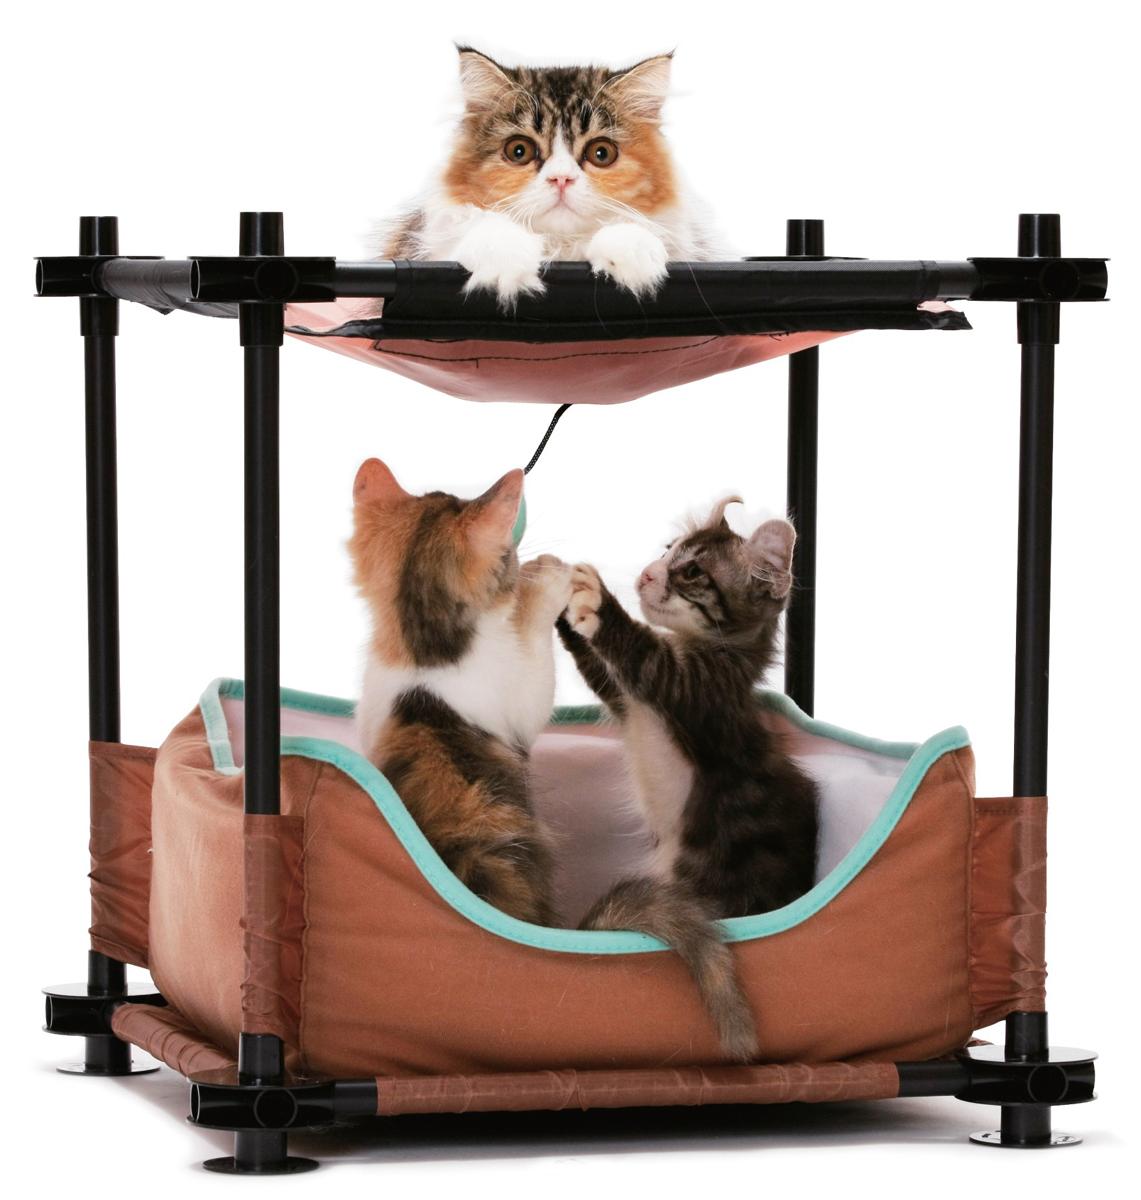 Лежак для кошек Kitty City Барские покои, 44 х 45 х 45 смFIDB-9033Лежак Kitty City Барские покои поразит вас своим непревзойденным удобством. И будьте уверены, кошка тоже оценит уникальные преимущества нового спального места. Лежак сочетает в себе функции прекрасной кровати и игрового комплекса. Он великолепно подходит для активных и озорных животных, которые даже перед сном предпочитают поиграть с подвесной игрушкой и плавно из состояния игры перейти в глубокий сладкий сон. Лежак изготовлен из высокопрочных, устойчивых к повреждениям материалов. Каркас из пластиковых трубок удобно собирается и разбирается, облегчая транспортировку и хранение. Спальное место изготовлено из мягкого флиса. Игрушка выполнена в виде полумесяца. Лежак прекрасно подойдет для использования как индивидуально, так и в совокупности с игровыми комплексами Kitty City.